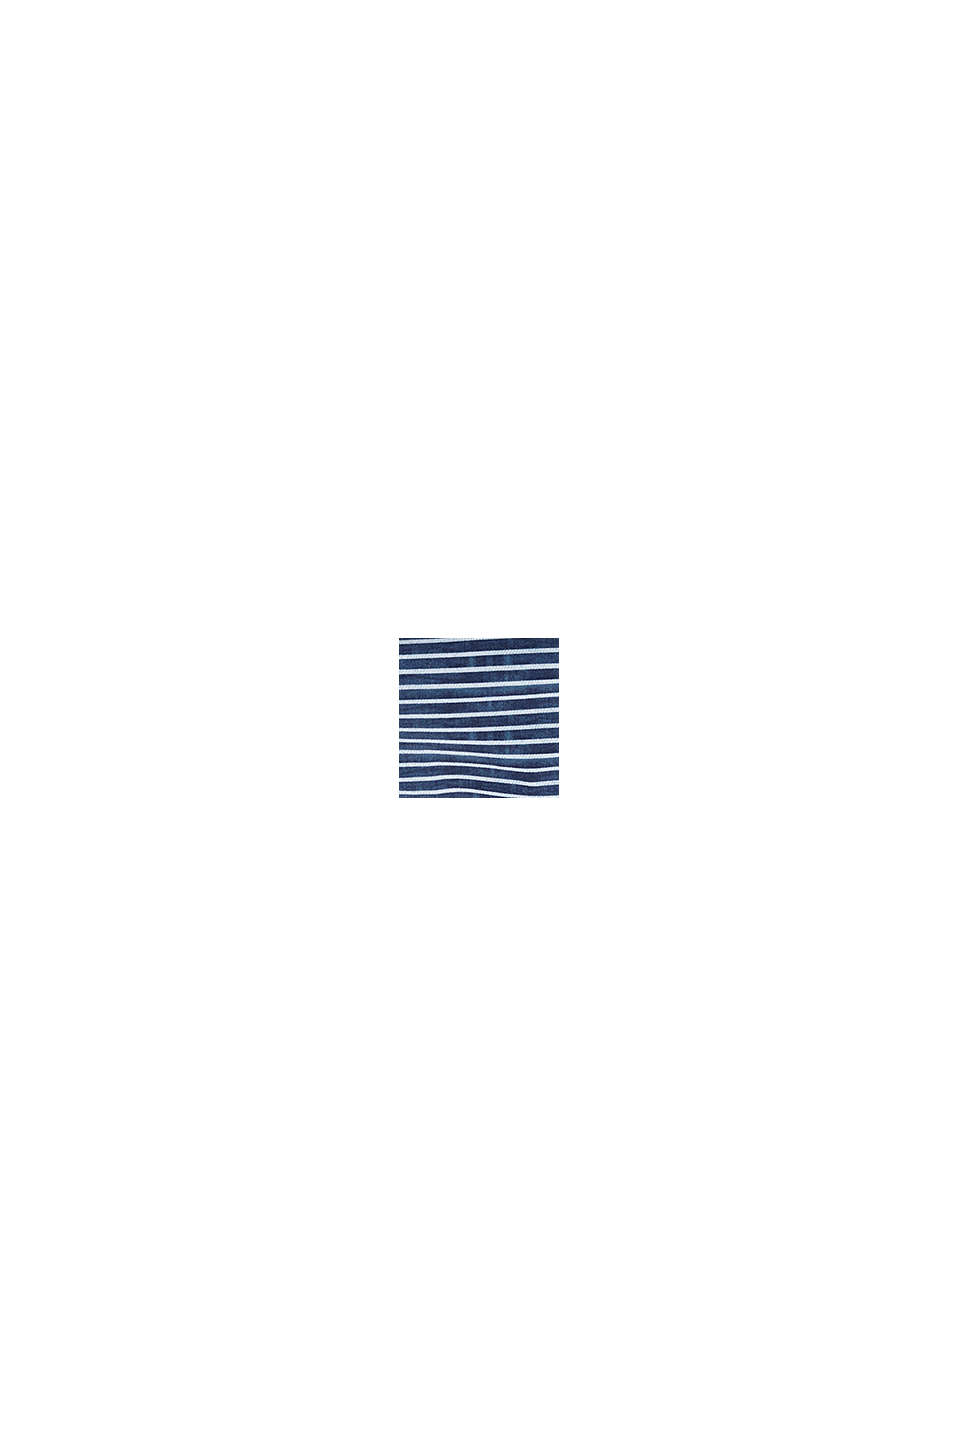 Midislip in een denim look, GREY BLUE, swatch